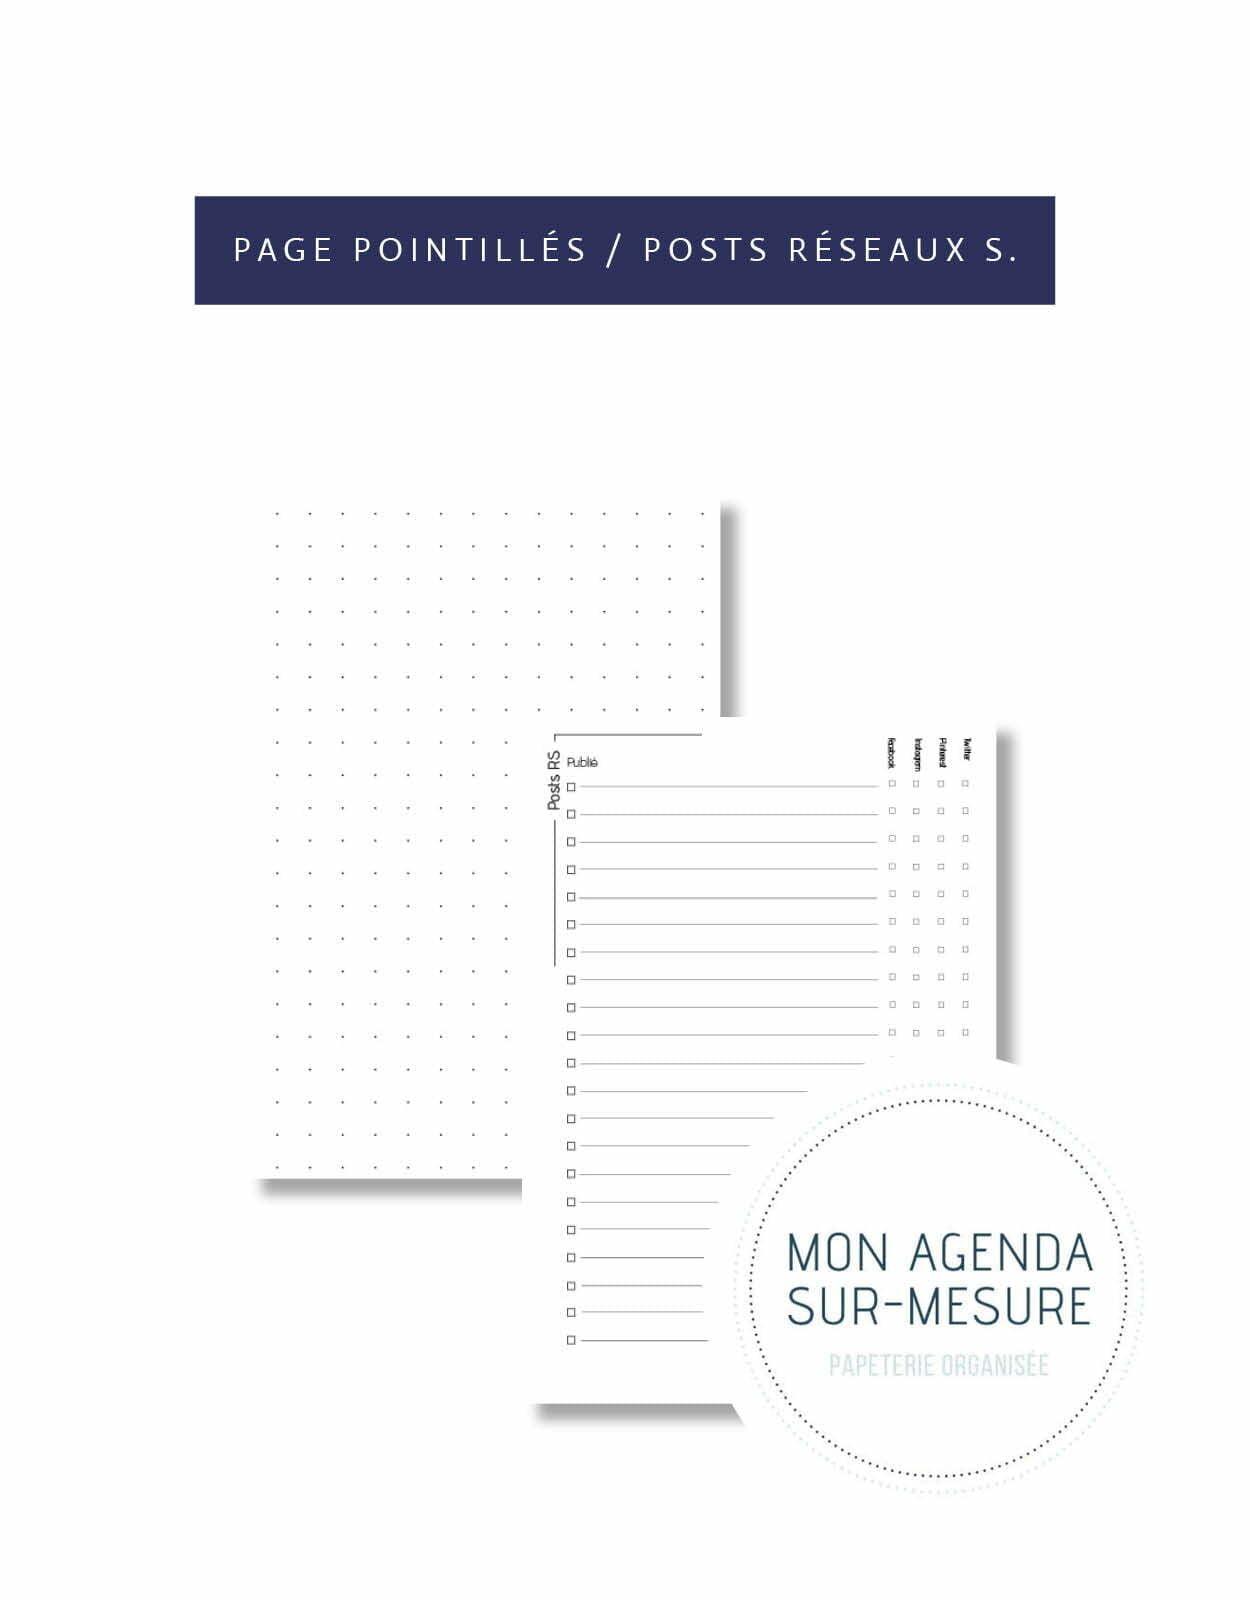 page-agenda-sur-mesure-page-pointille-bullet-posts-reseaux-sociaux